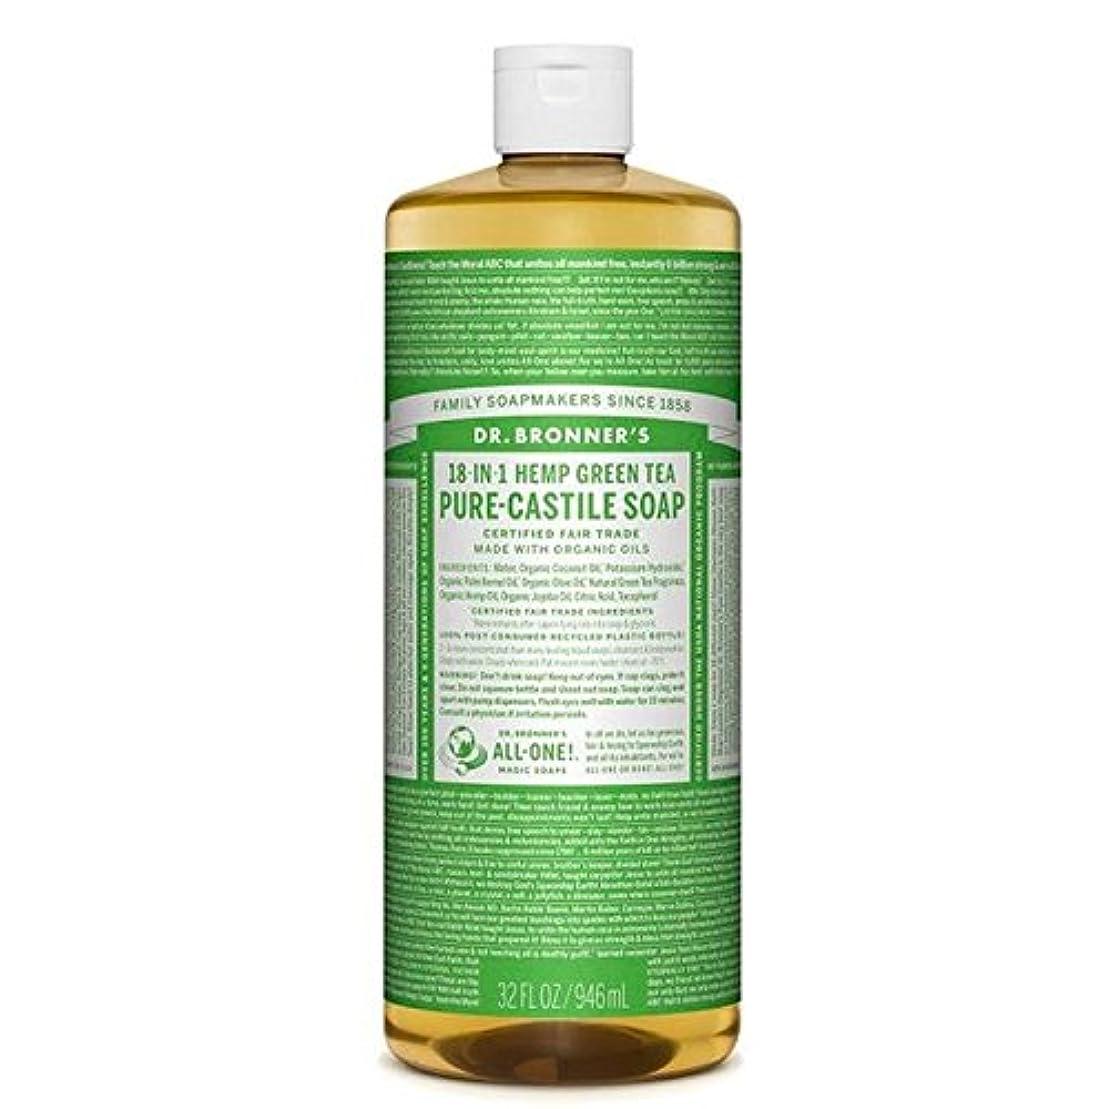 バスト彼らのもの贅沢Dr Bronner Organic Green Tea Castile Liquid Soap 946ml - のブロナー有機緑茶カスティーリャ液体石鹸946ミリリットル [並行輸入品]